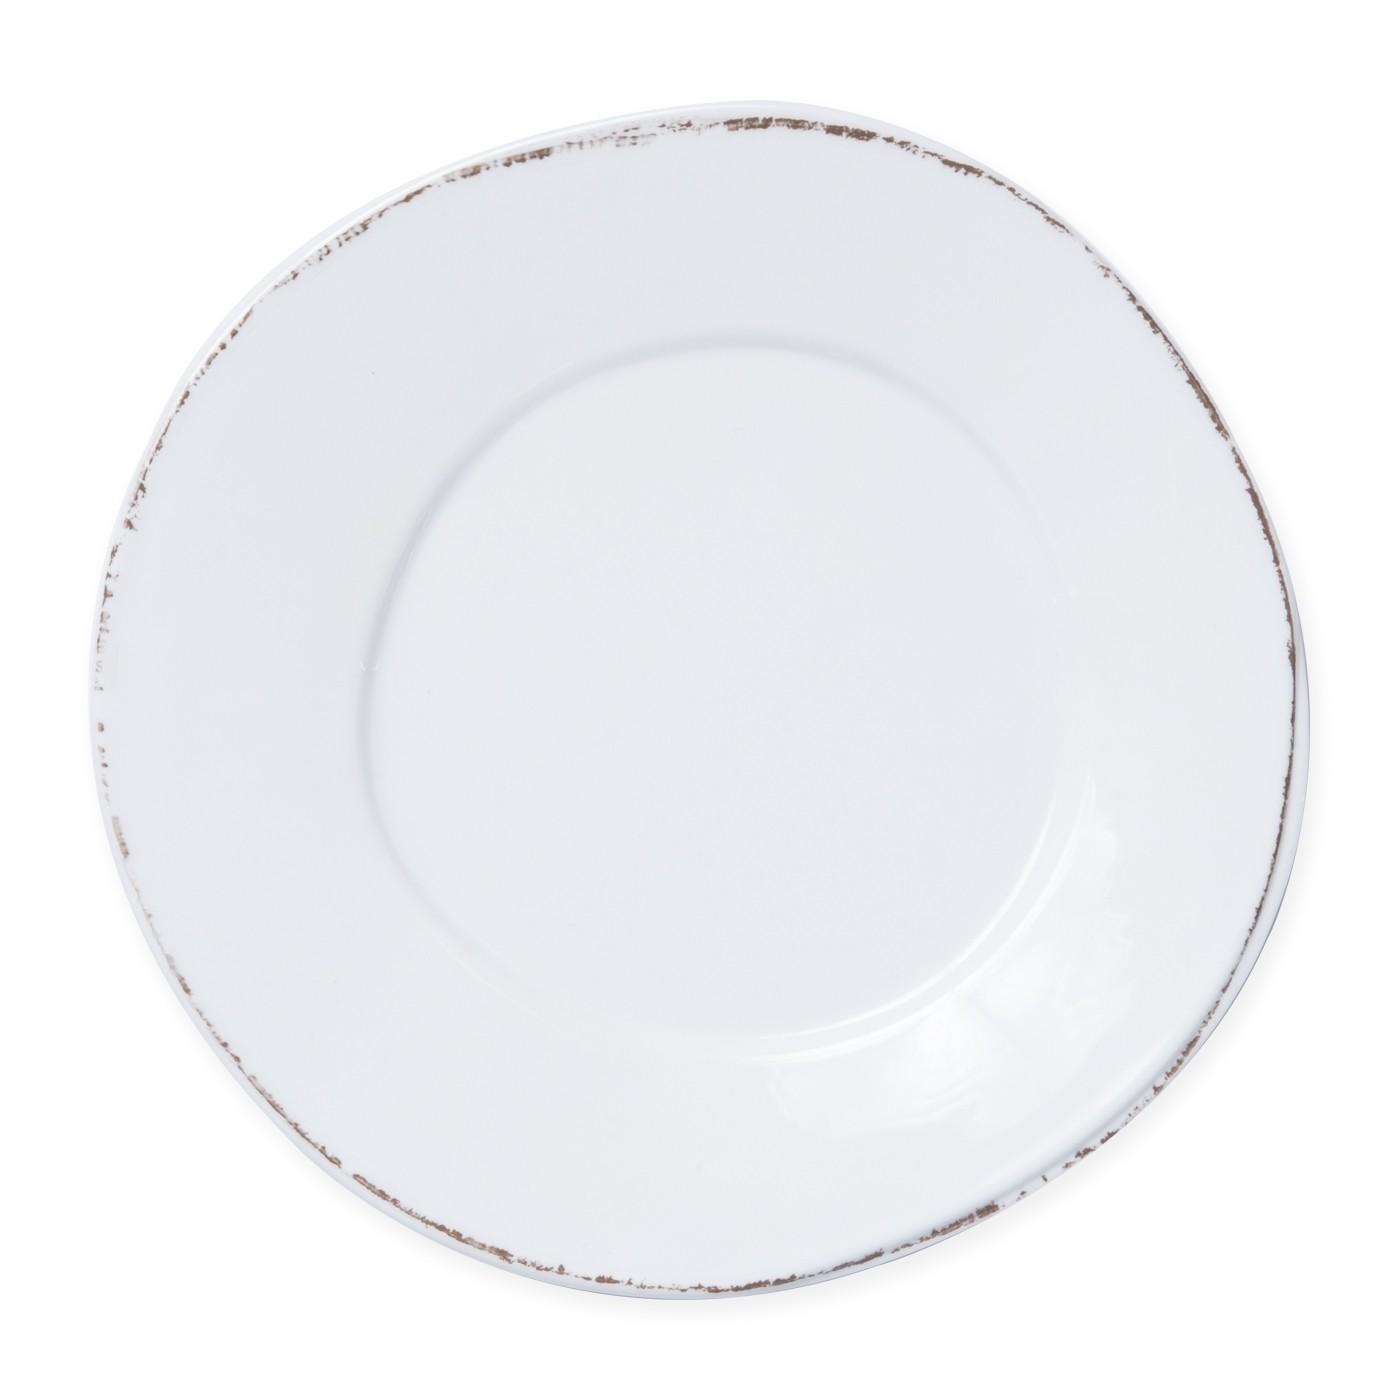 Lastra Melamine White Dinner Plate 11 in rd | Gracious Style  sc 1 st  Gracious Style & Vietri Lastra White Melamine Dinnerware | Gracious Style